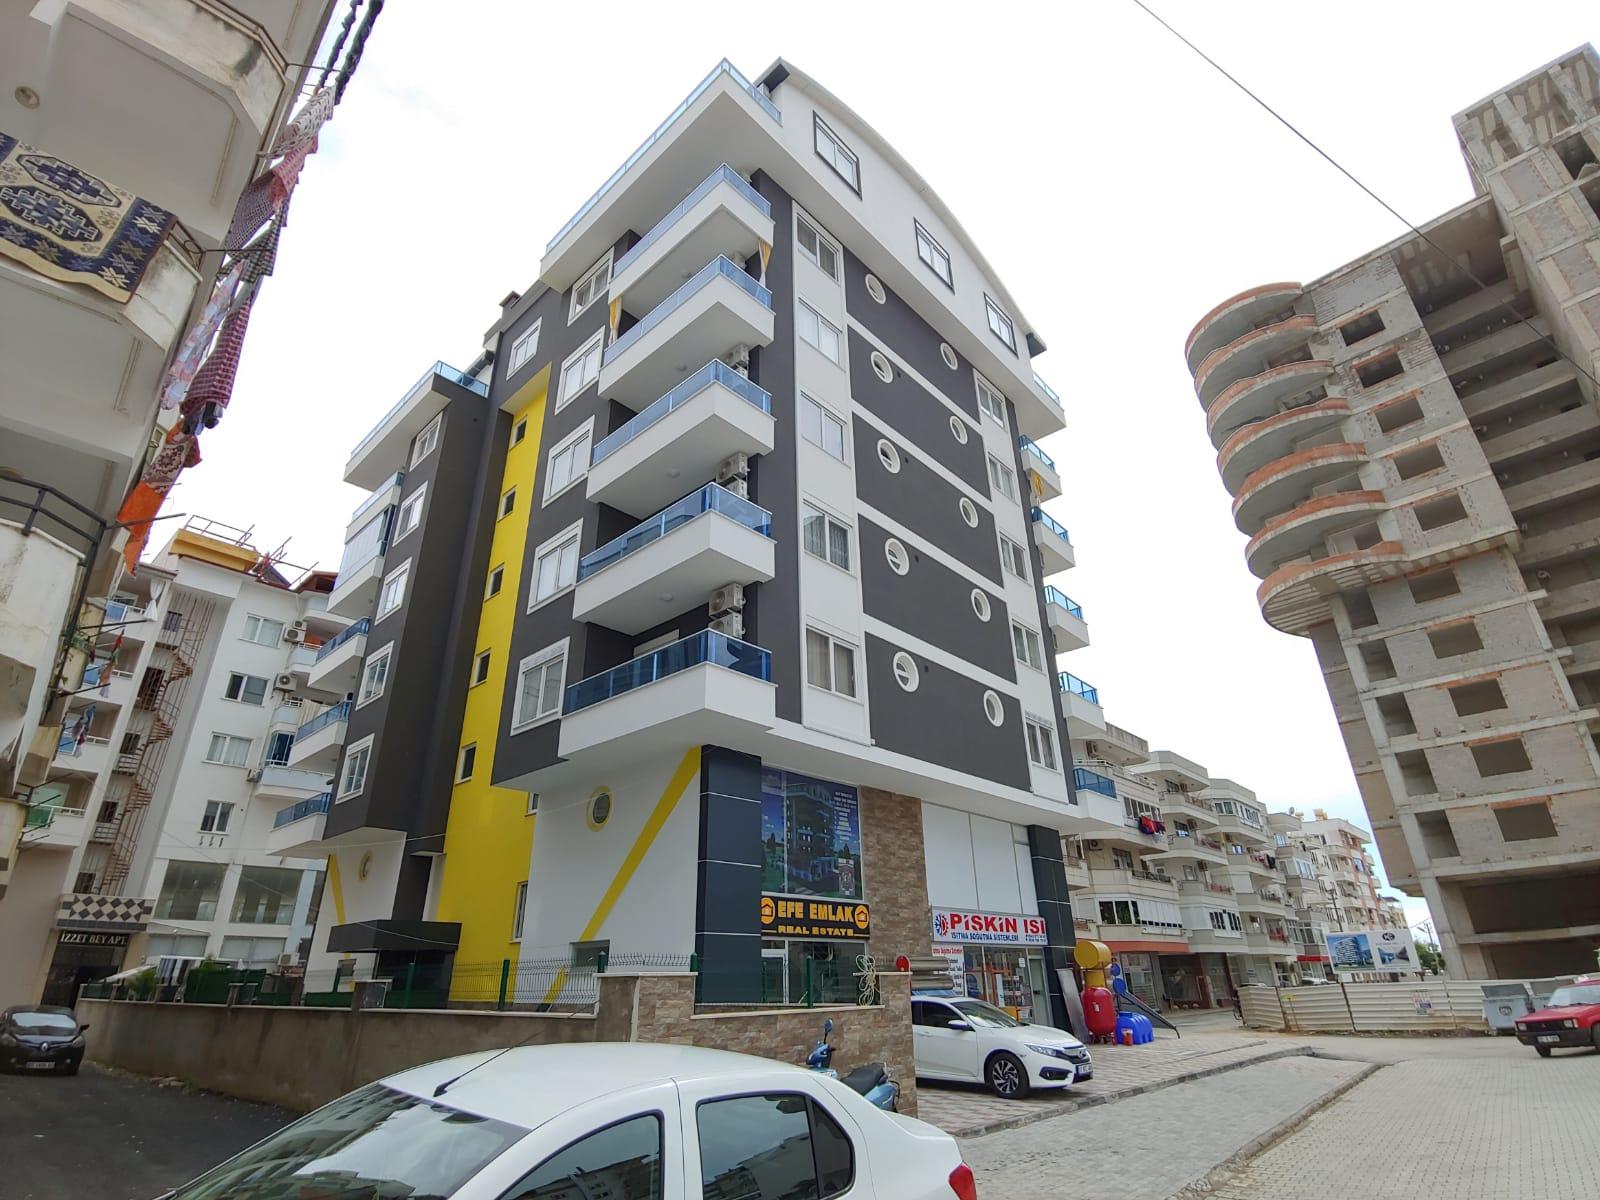 апартаменты 1+1 на улице Барбарос, стоимостью 38500 евро